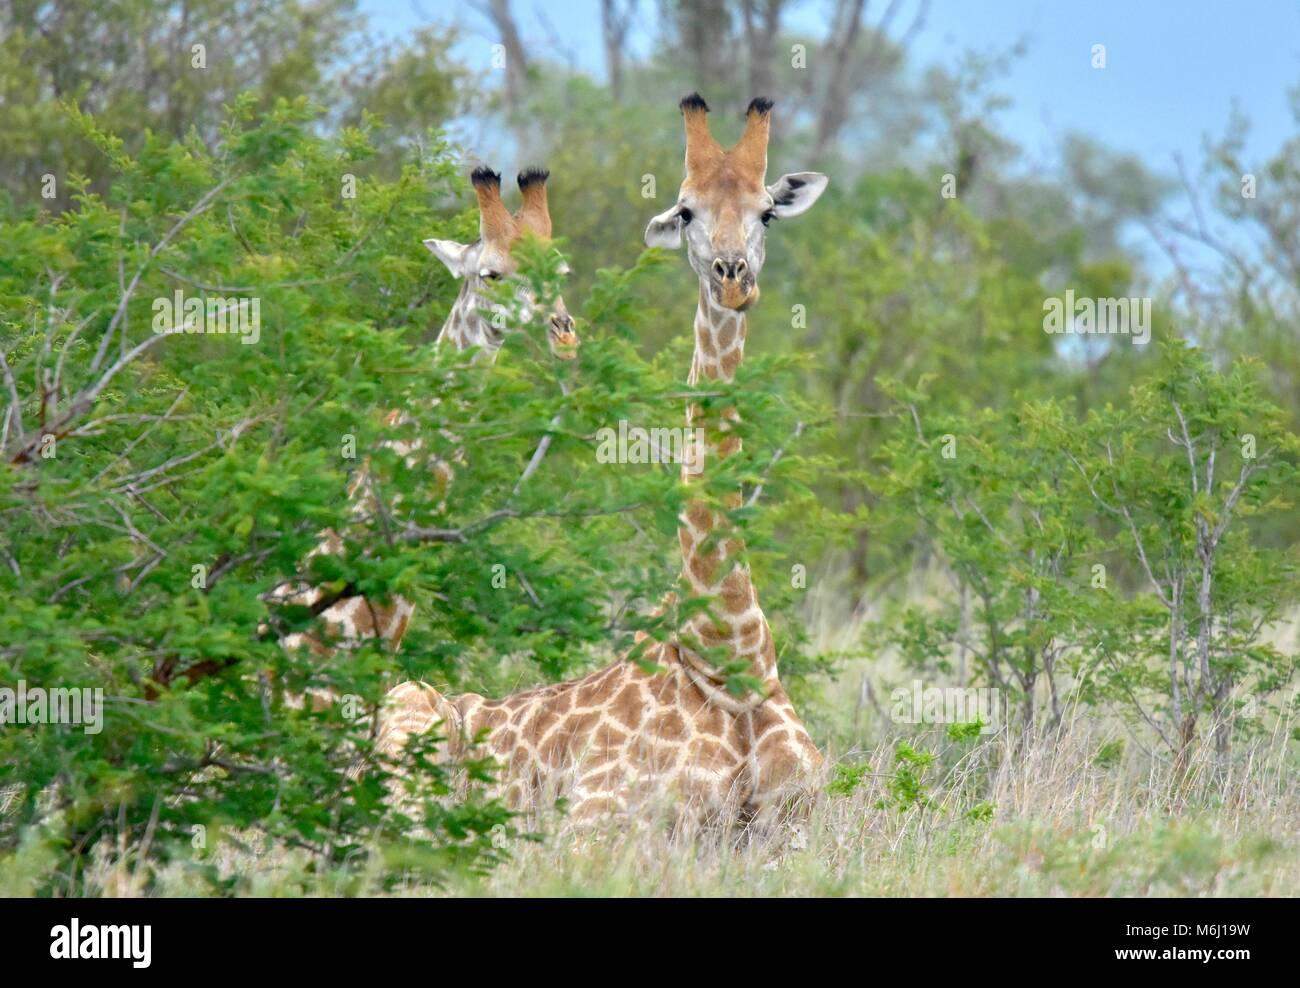 Parque Nacional Kruger, Sudáfrica. Un paraíso de aves y vida silvestre. Giraffe descansando en el suelo. Imagen De Stock